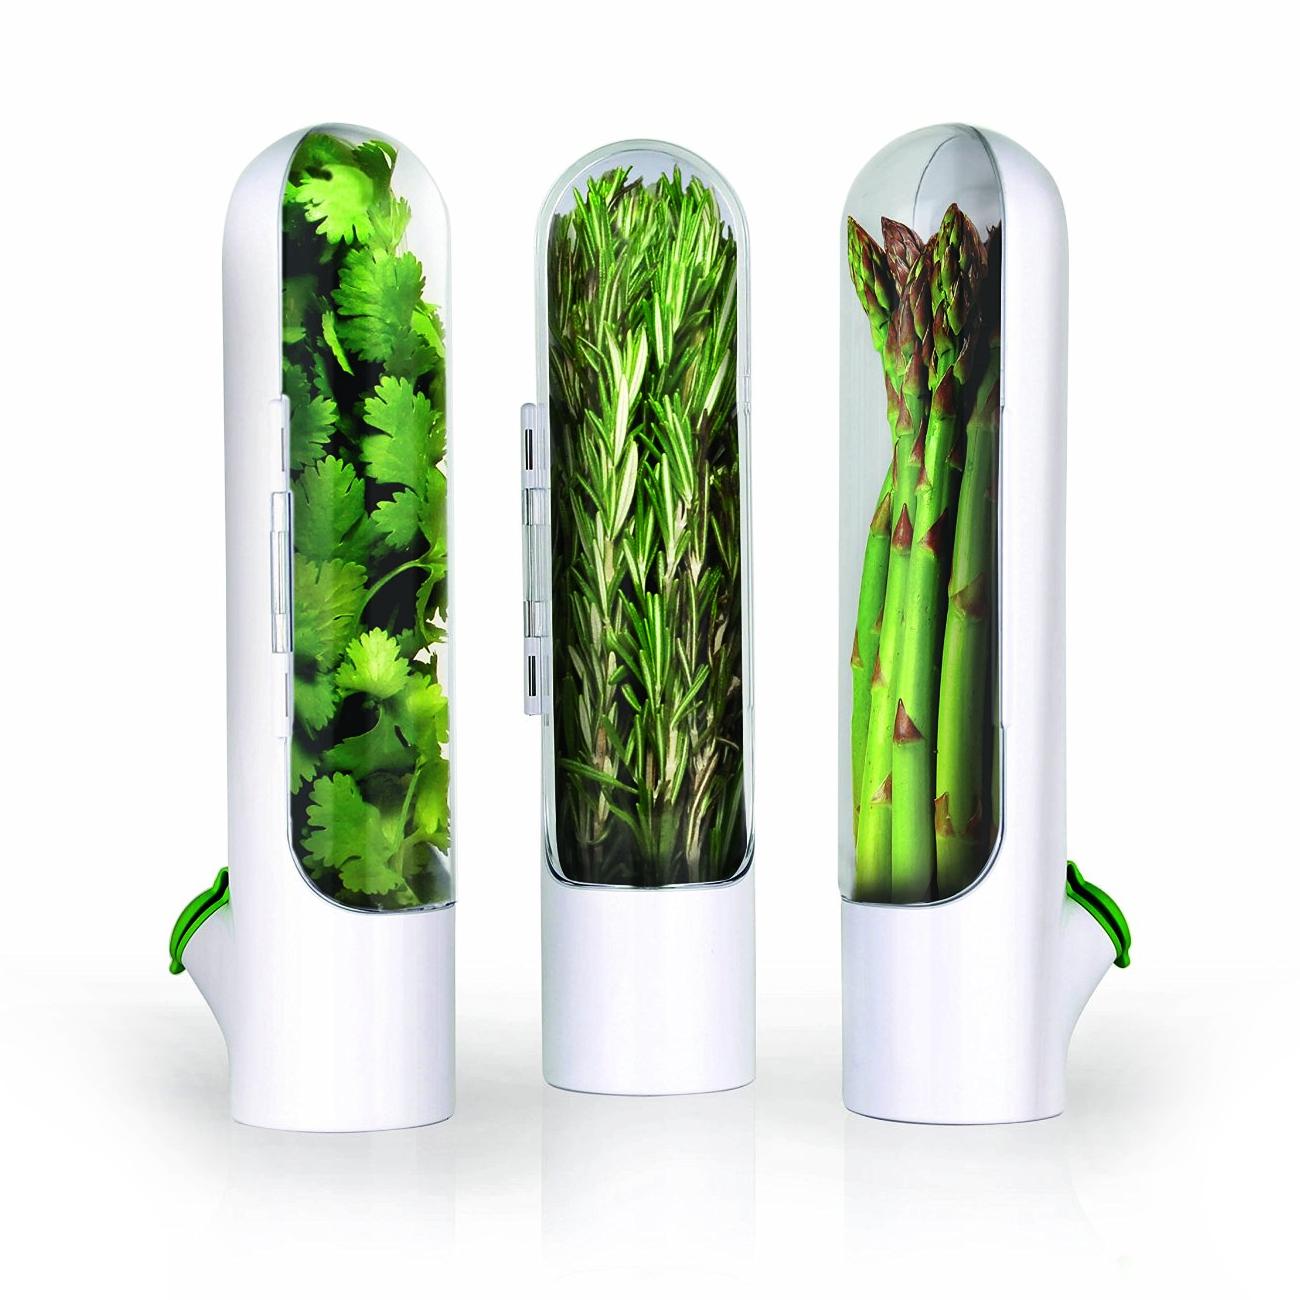 Prepara White Mini Herb-Savor Pod 2.0, Set of 3